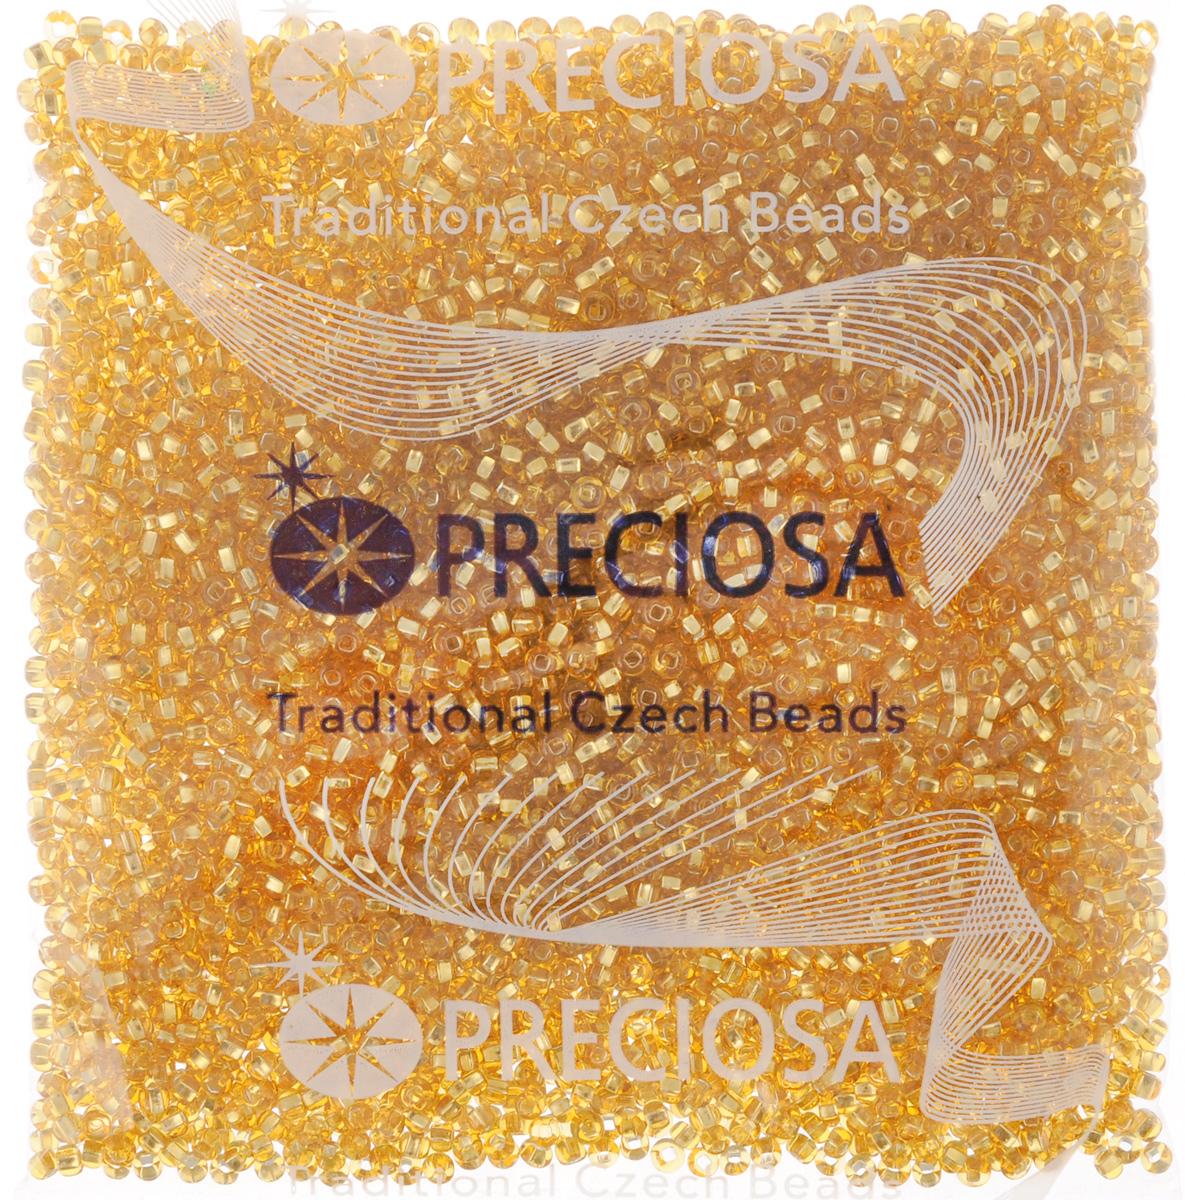 Бисер Preciosa Ассорти, прозрачный, с радужным покрытием, цвет: золотистый (03), 10/0, 50 г163142_03_золотойБисер Preciosa Ассорти, изготовленный из стекла круглой формы, позволит вам своими руками создать оригинальные ожерелья, бусы или браслеты, а также заняться вышиванием. В бисероплетении часто используют бисер разных размеров и цветов. Он идеально подойдет для вышивания на предметах быта и женской одежде. Изготовление украшений - занимательное хобби и реализация творческих способностей рукодельницы, это возможность создания неповторимого индивидуального подарка.